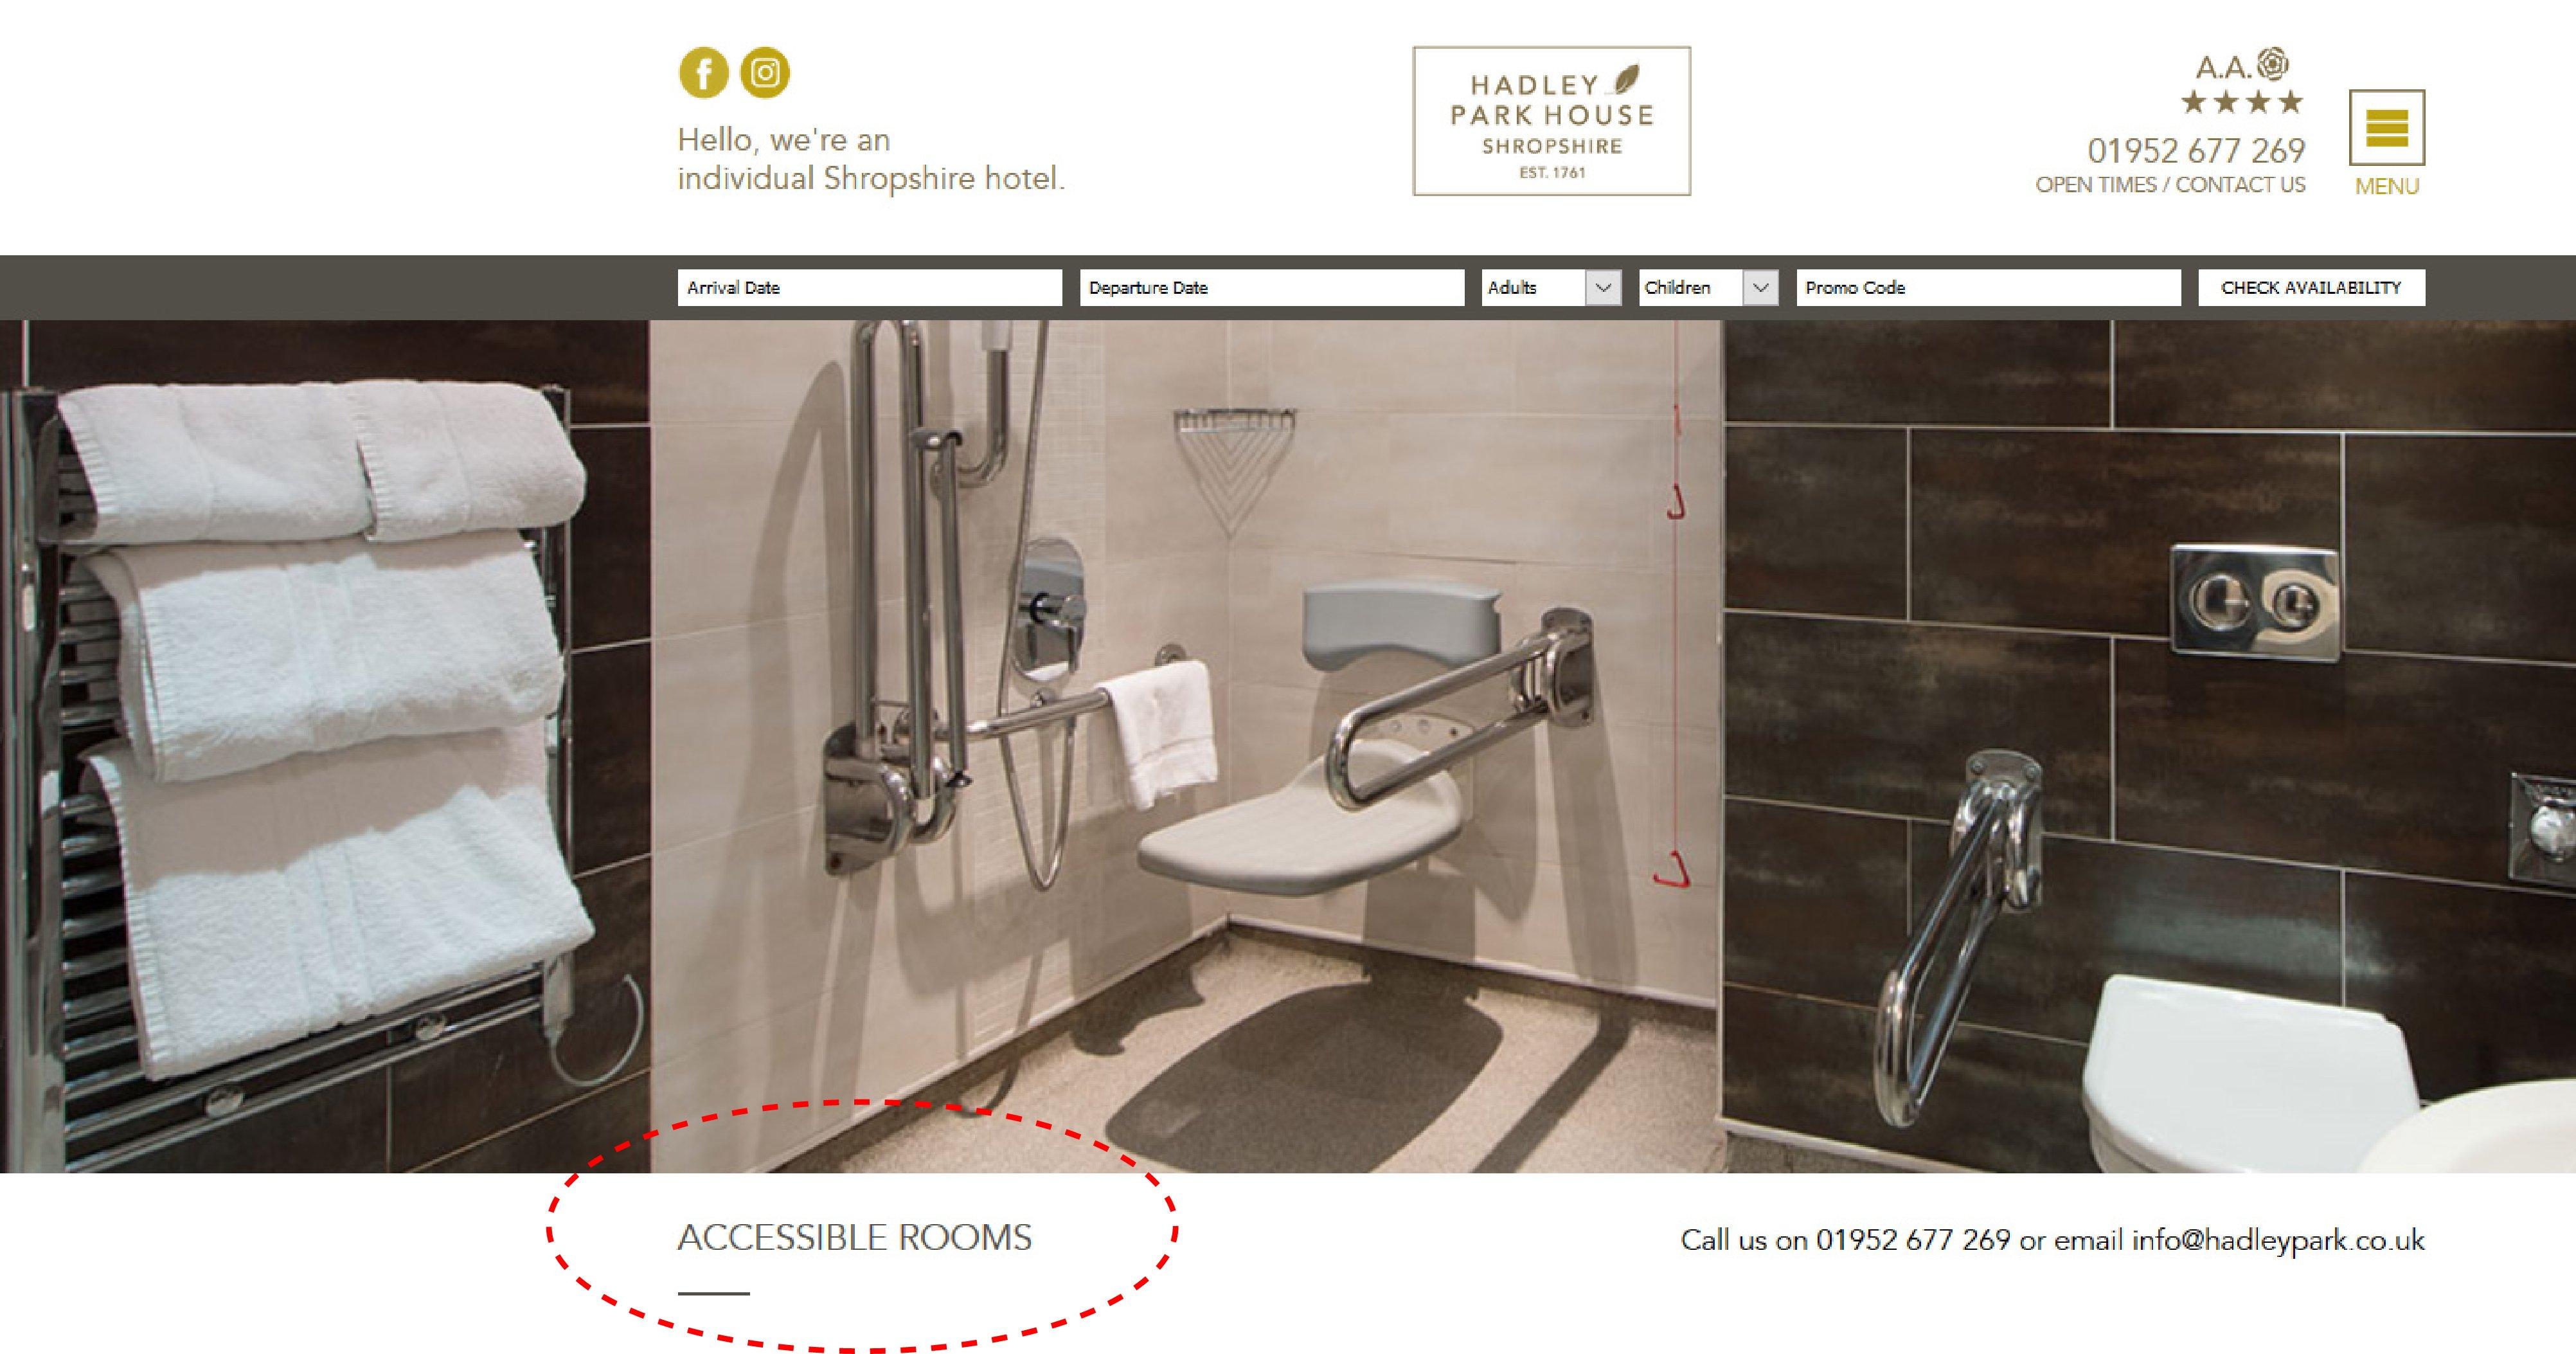 accesibilidad en hotel hadley park